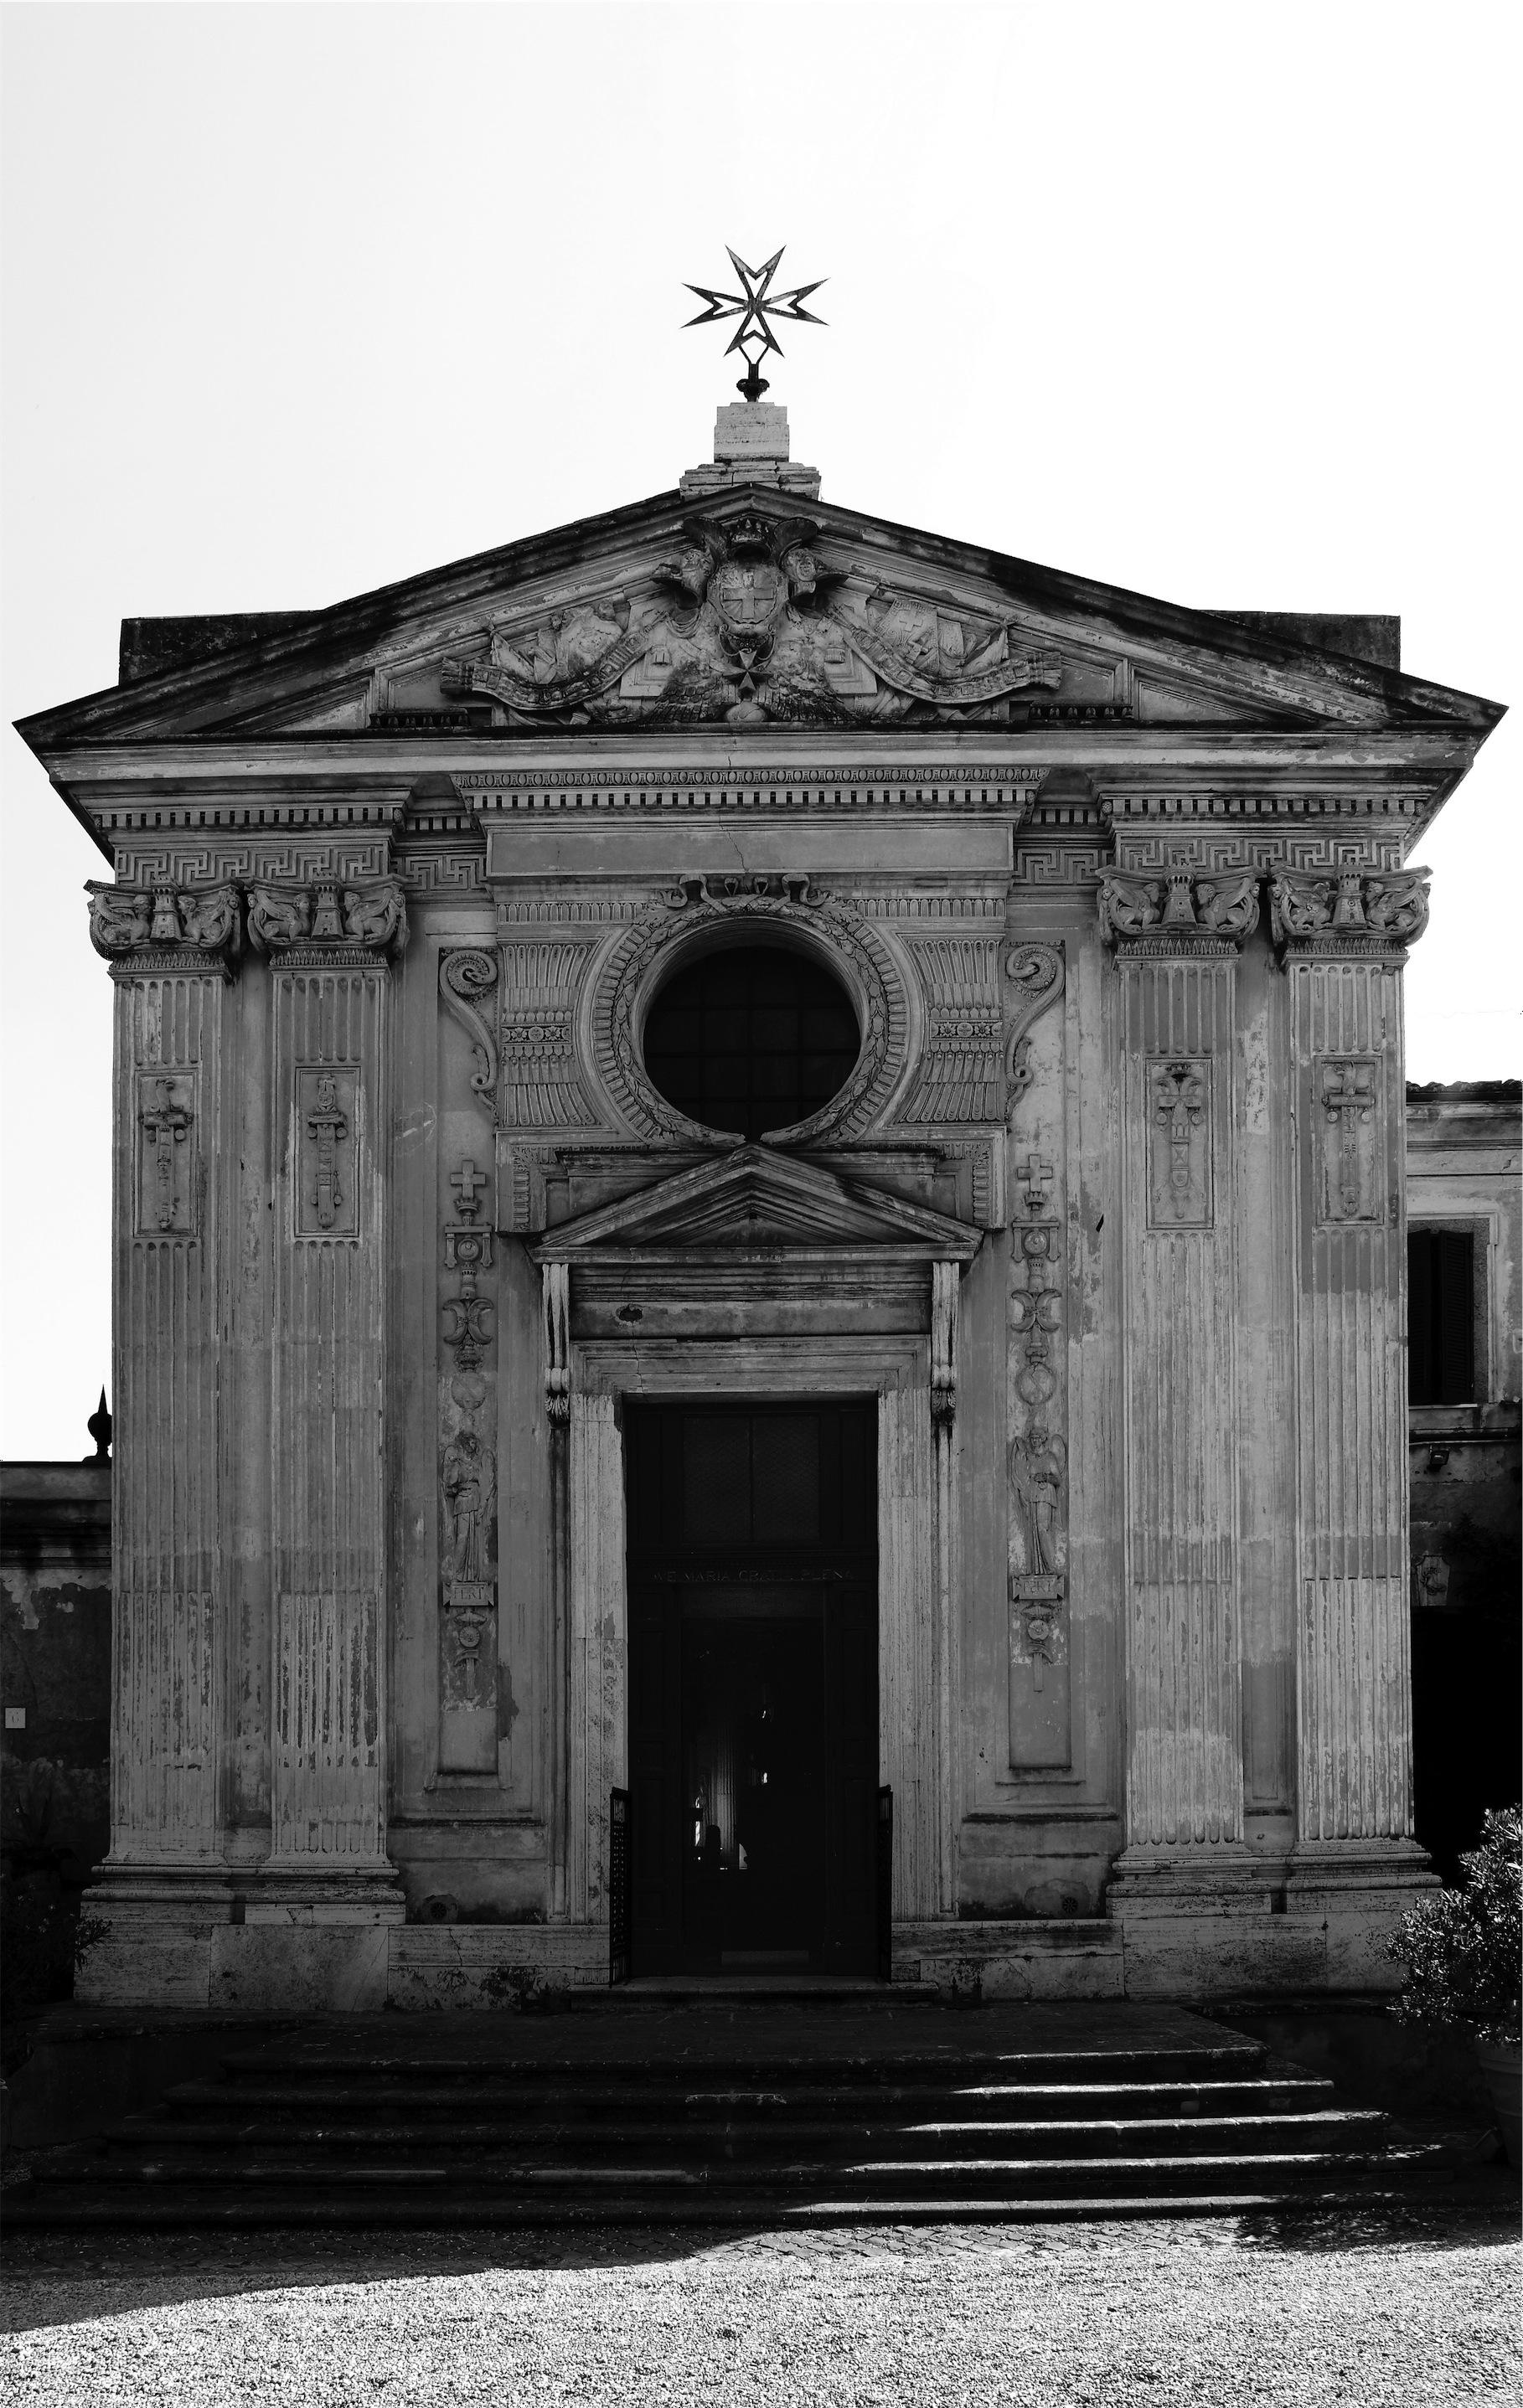 Facciata della chiesa di Santa Maria del Priorato a Roma  2010  photo Alicia Guirao  courtesy